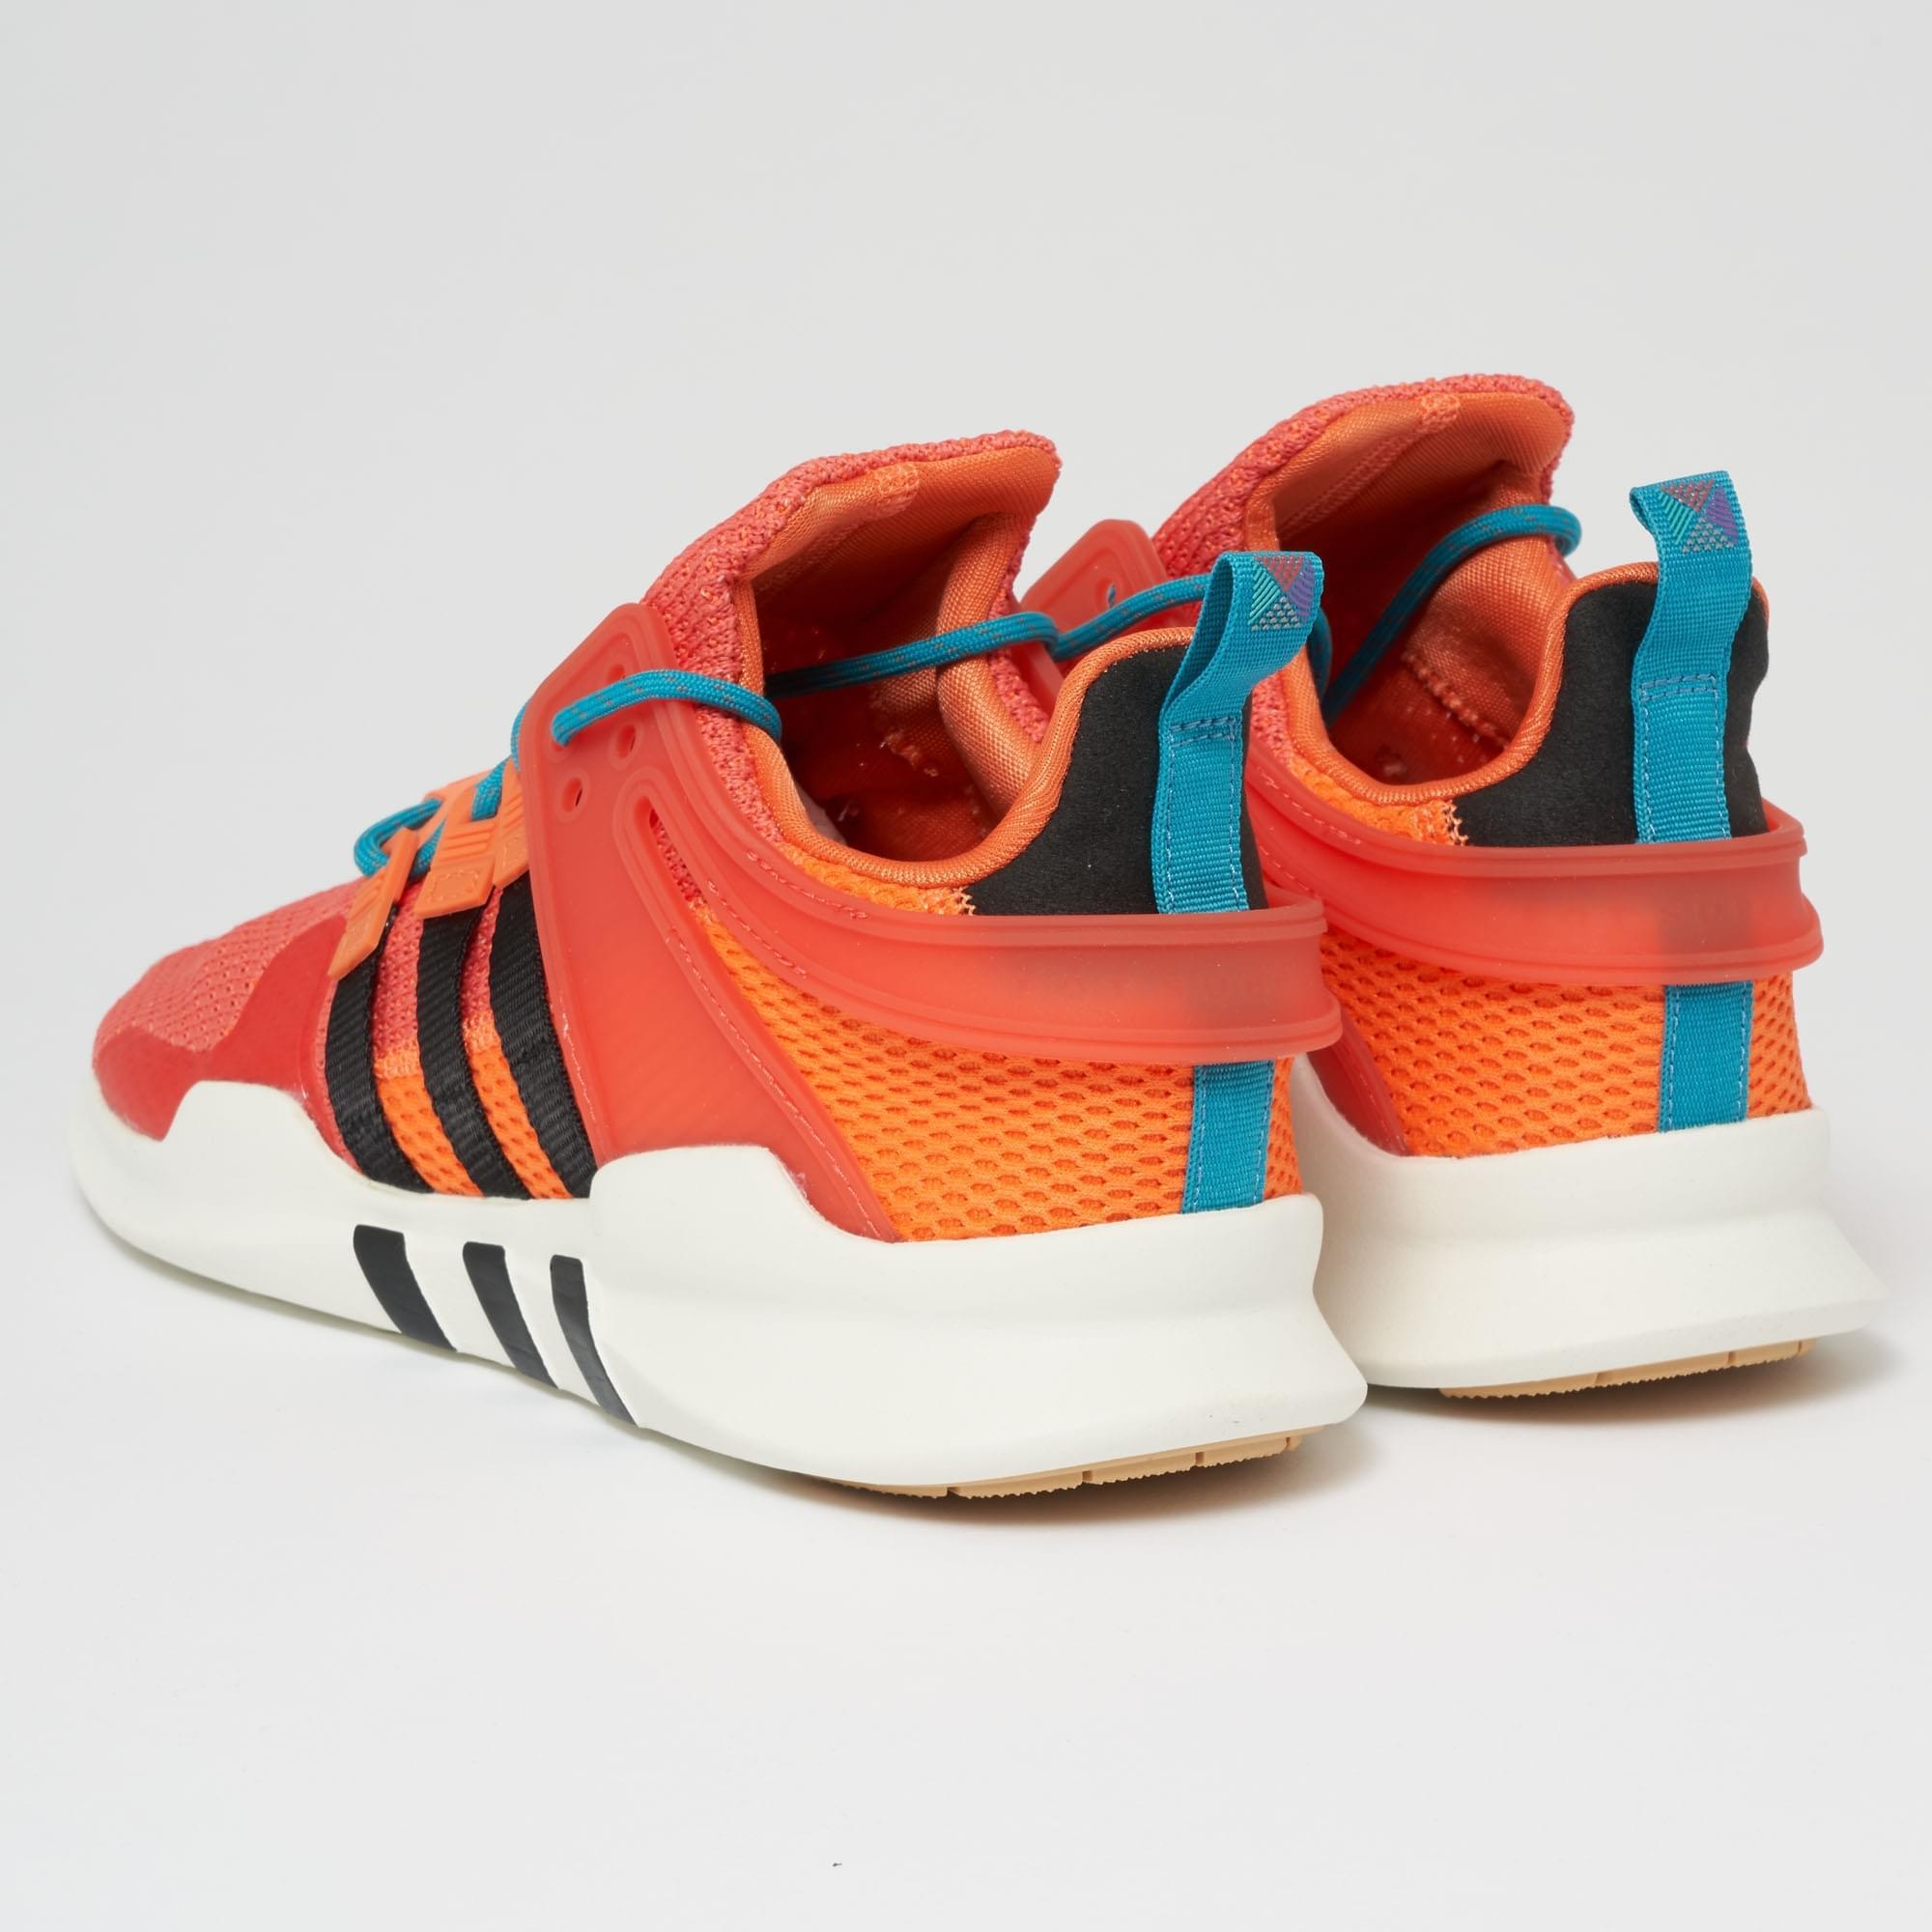 big sale a8079 e4045 Lyst - adidas Originals Eqt Support Adv Summer - Trace Orang